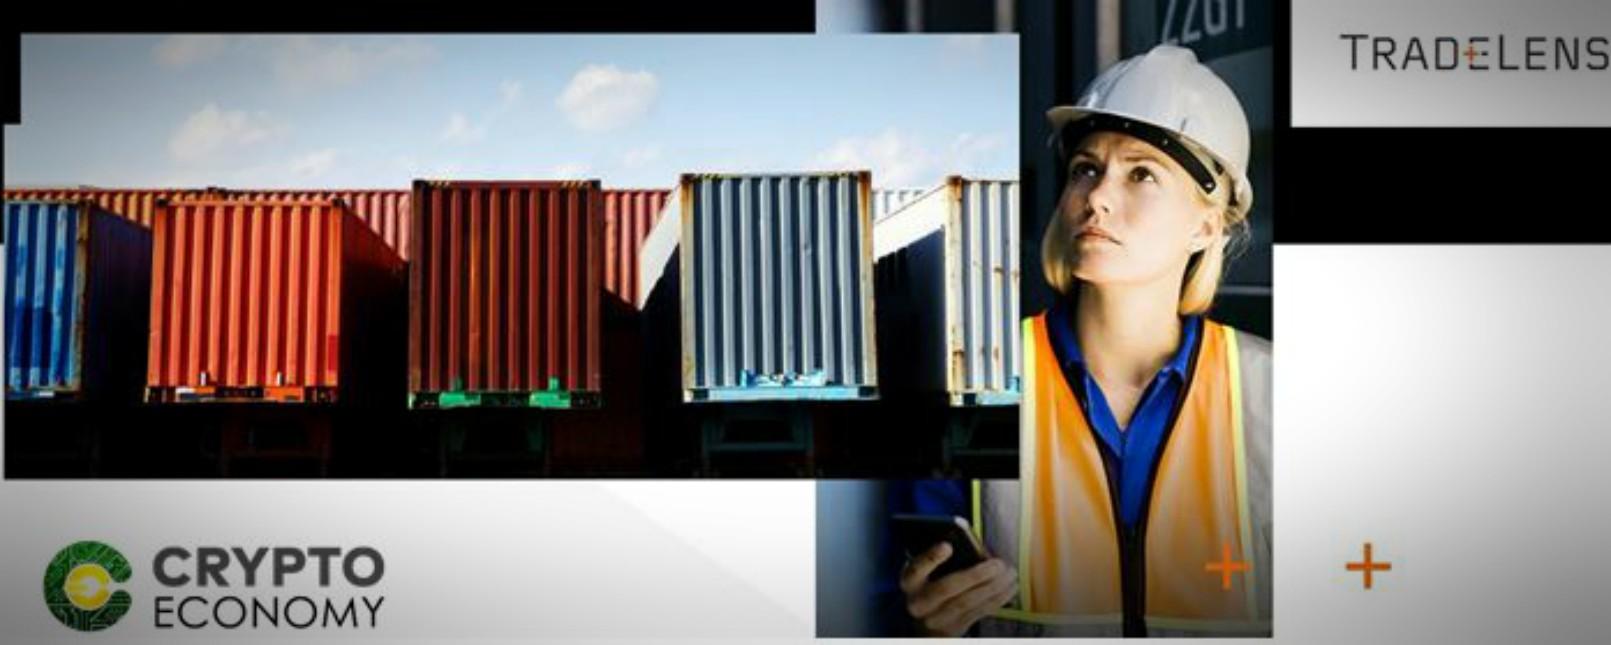 TradeLens IBM Maersk